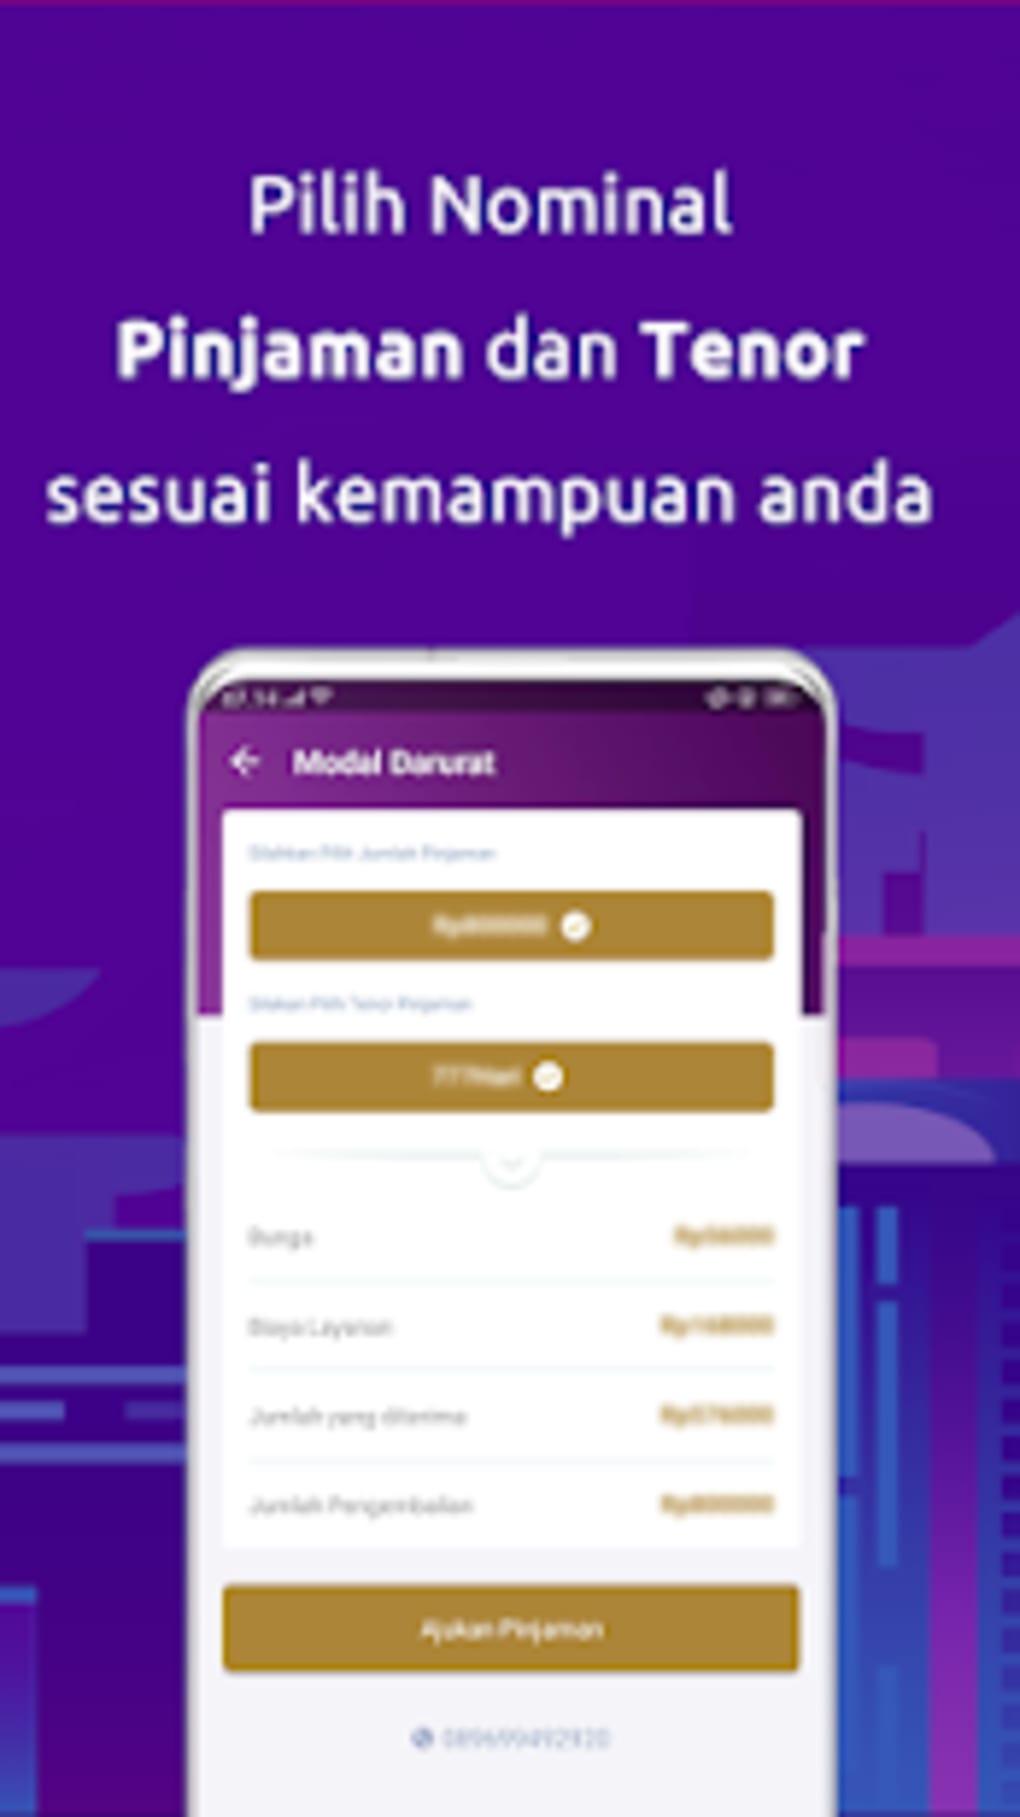 Modal Darurat Pinjaman Kta Online Cepat Cair Untuk Android Unduh